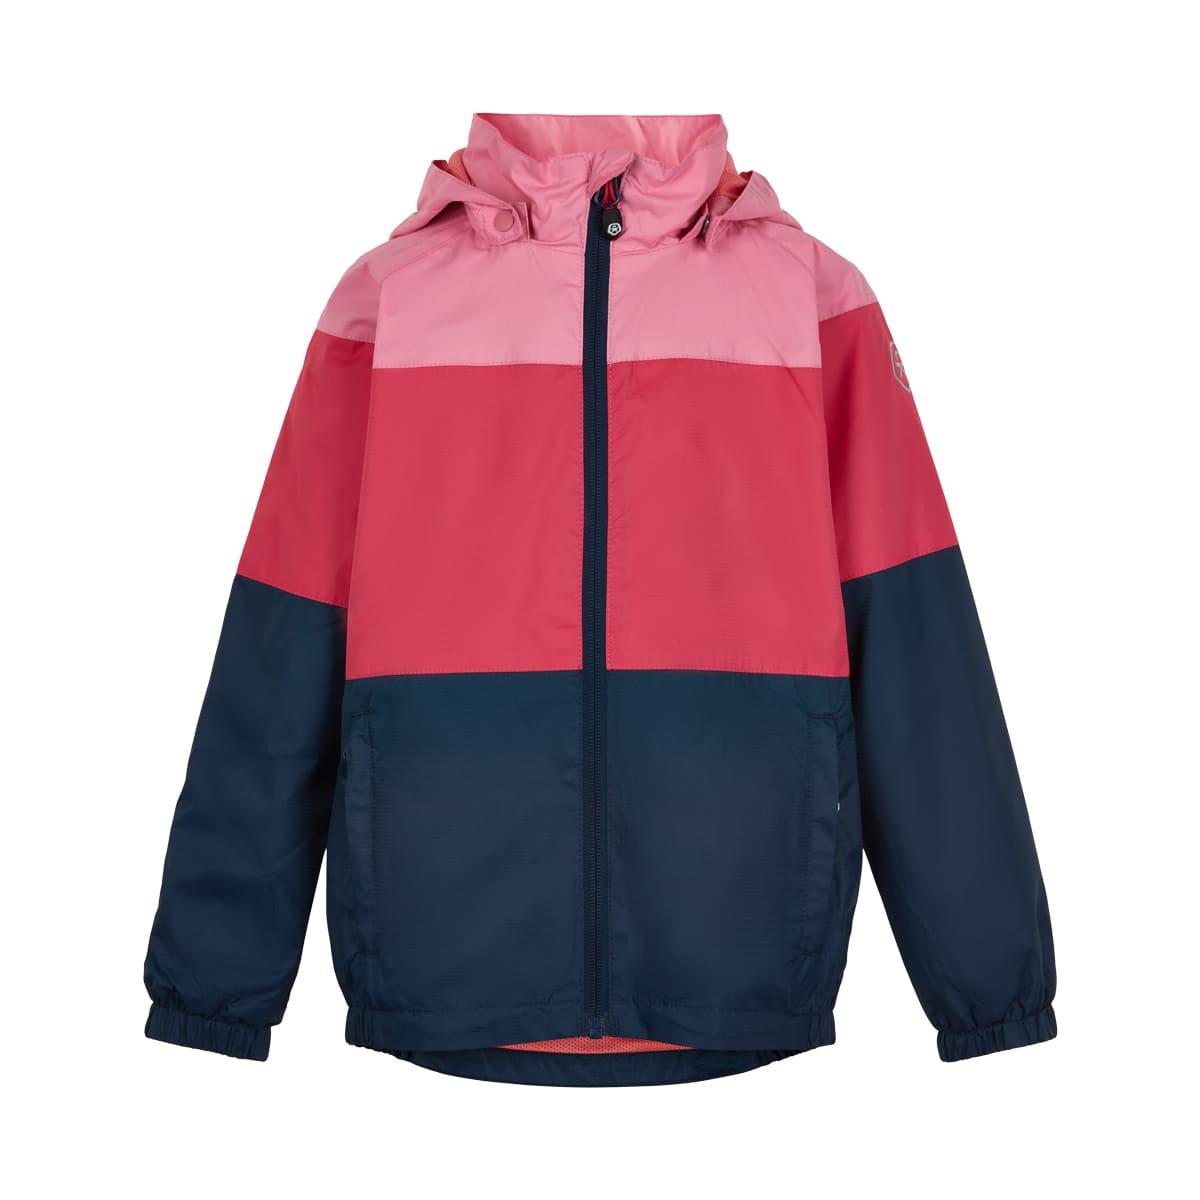 Color Kids Jacket color block, AF 8.000 Honeysuckle - 116